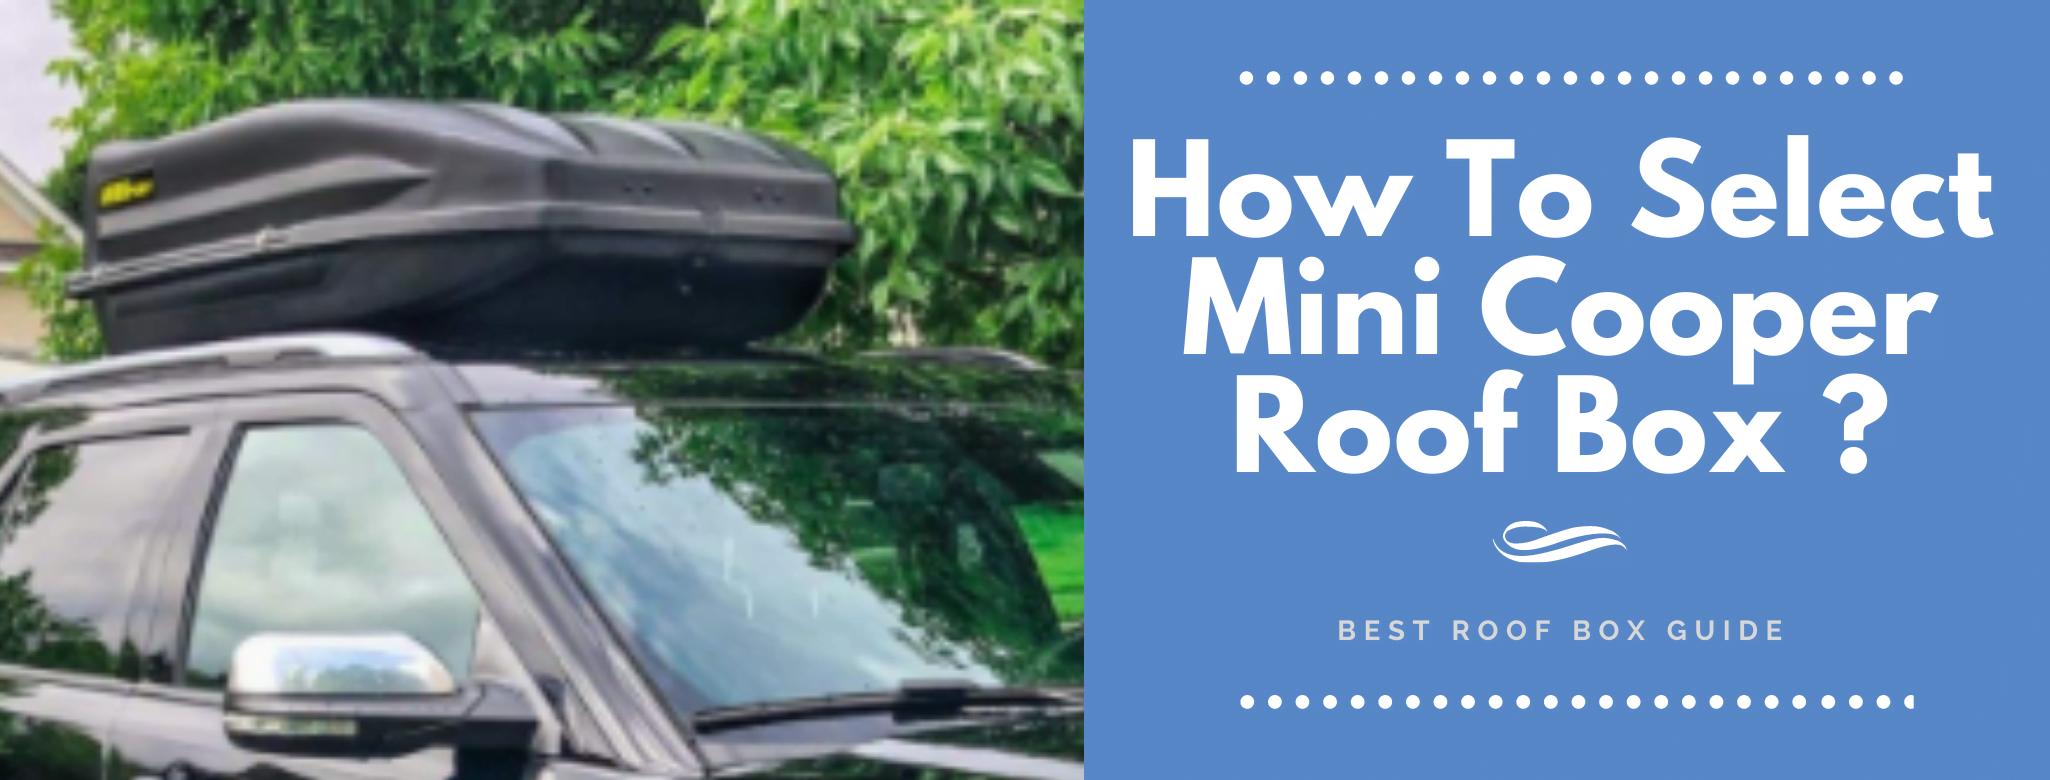 Mini Cooper Roof Box